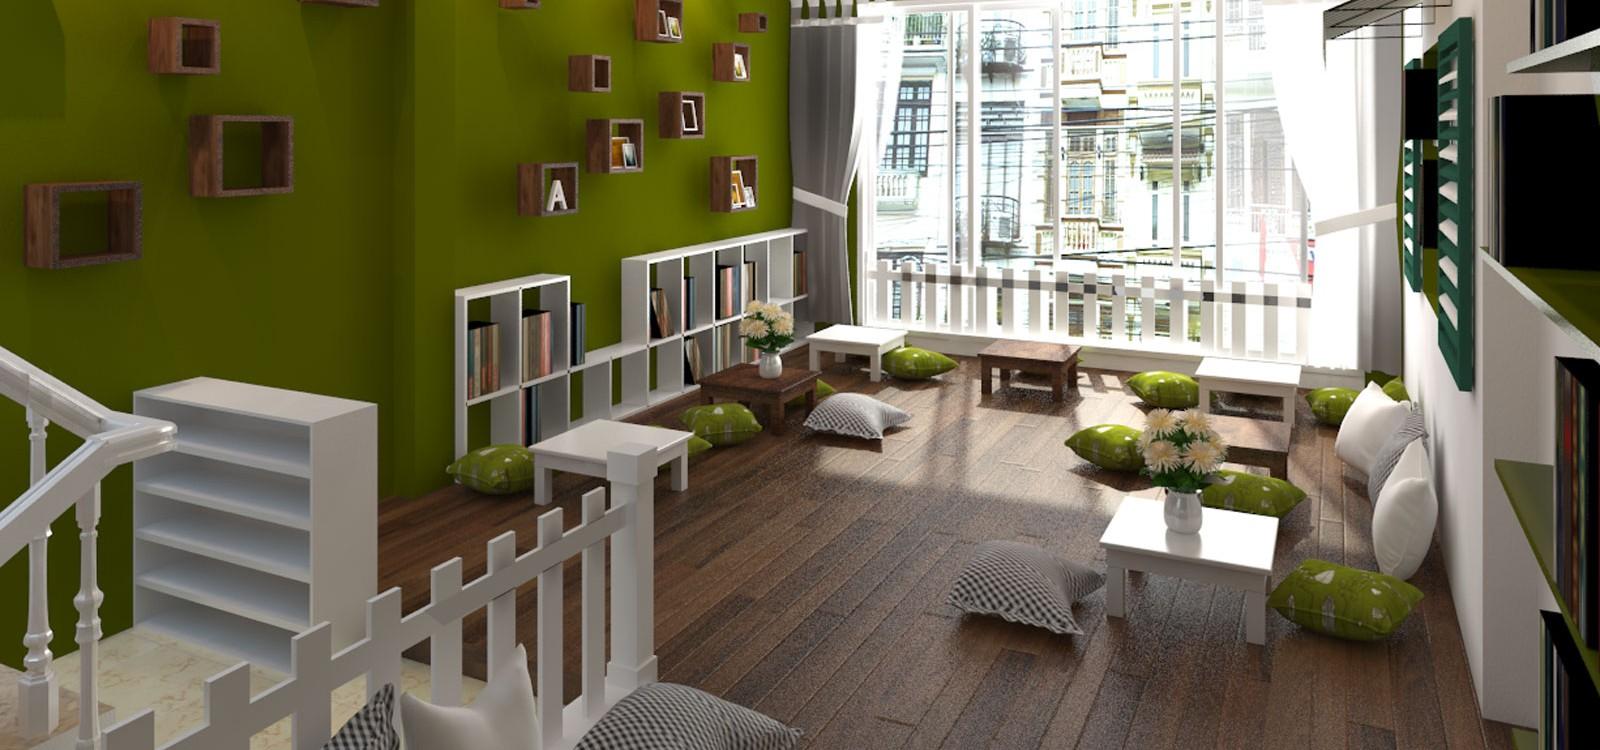 hình ảnh Xu hướng sử dụng bàn ghế cafe thiết kế đơn giản, phong cách